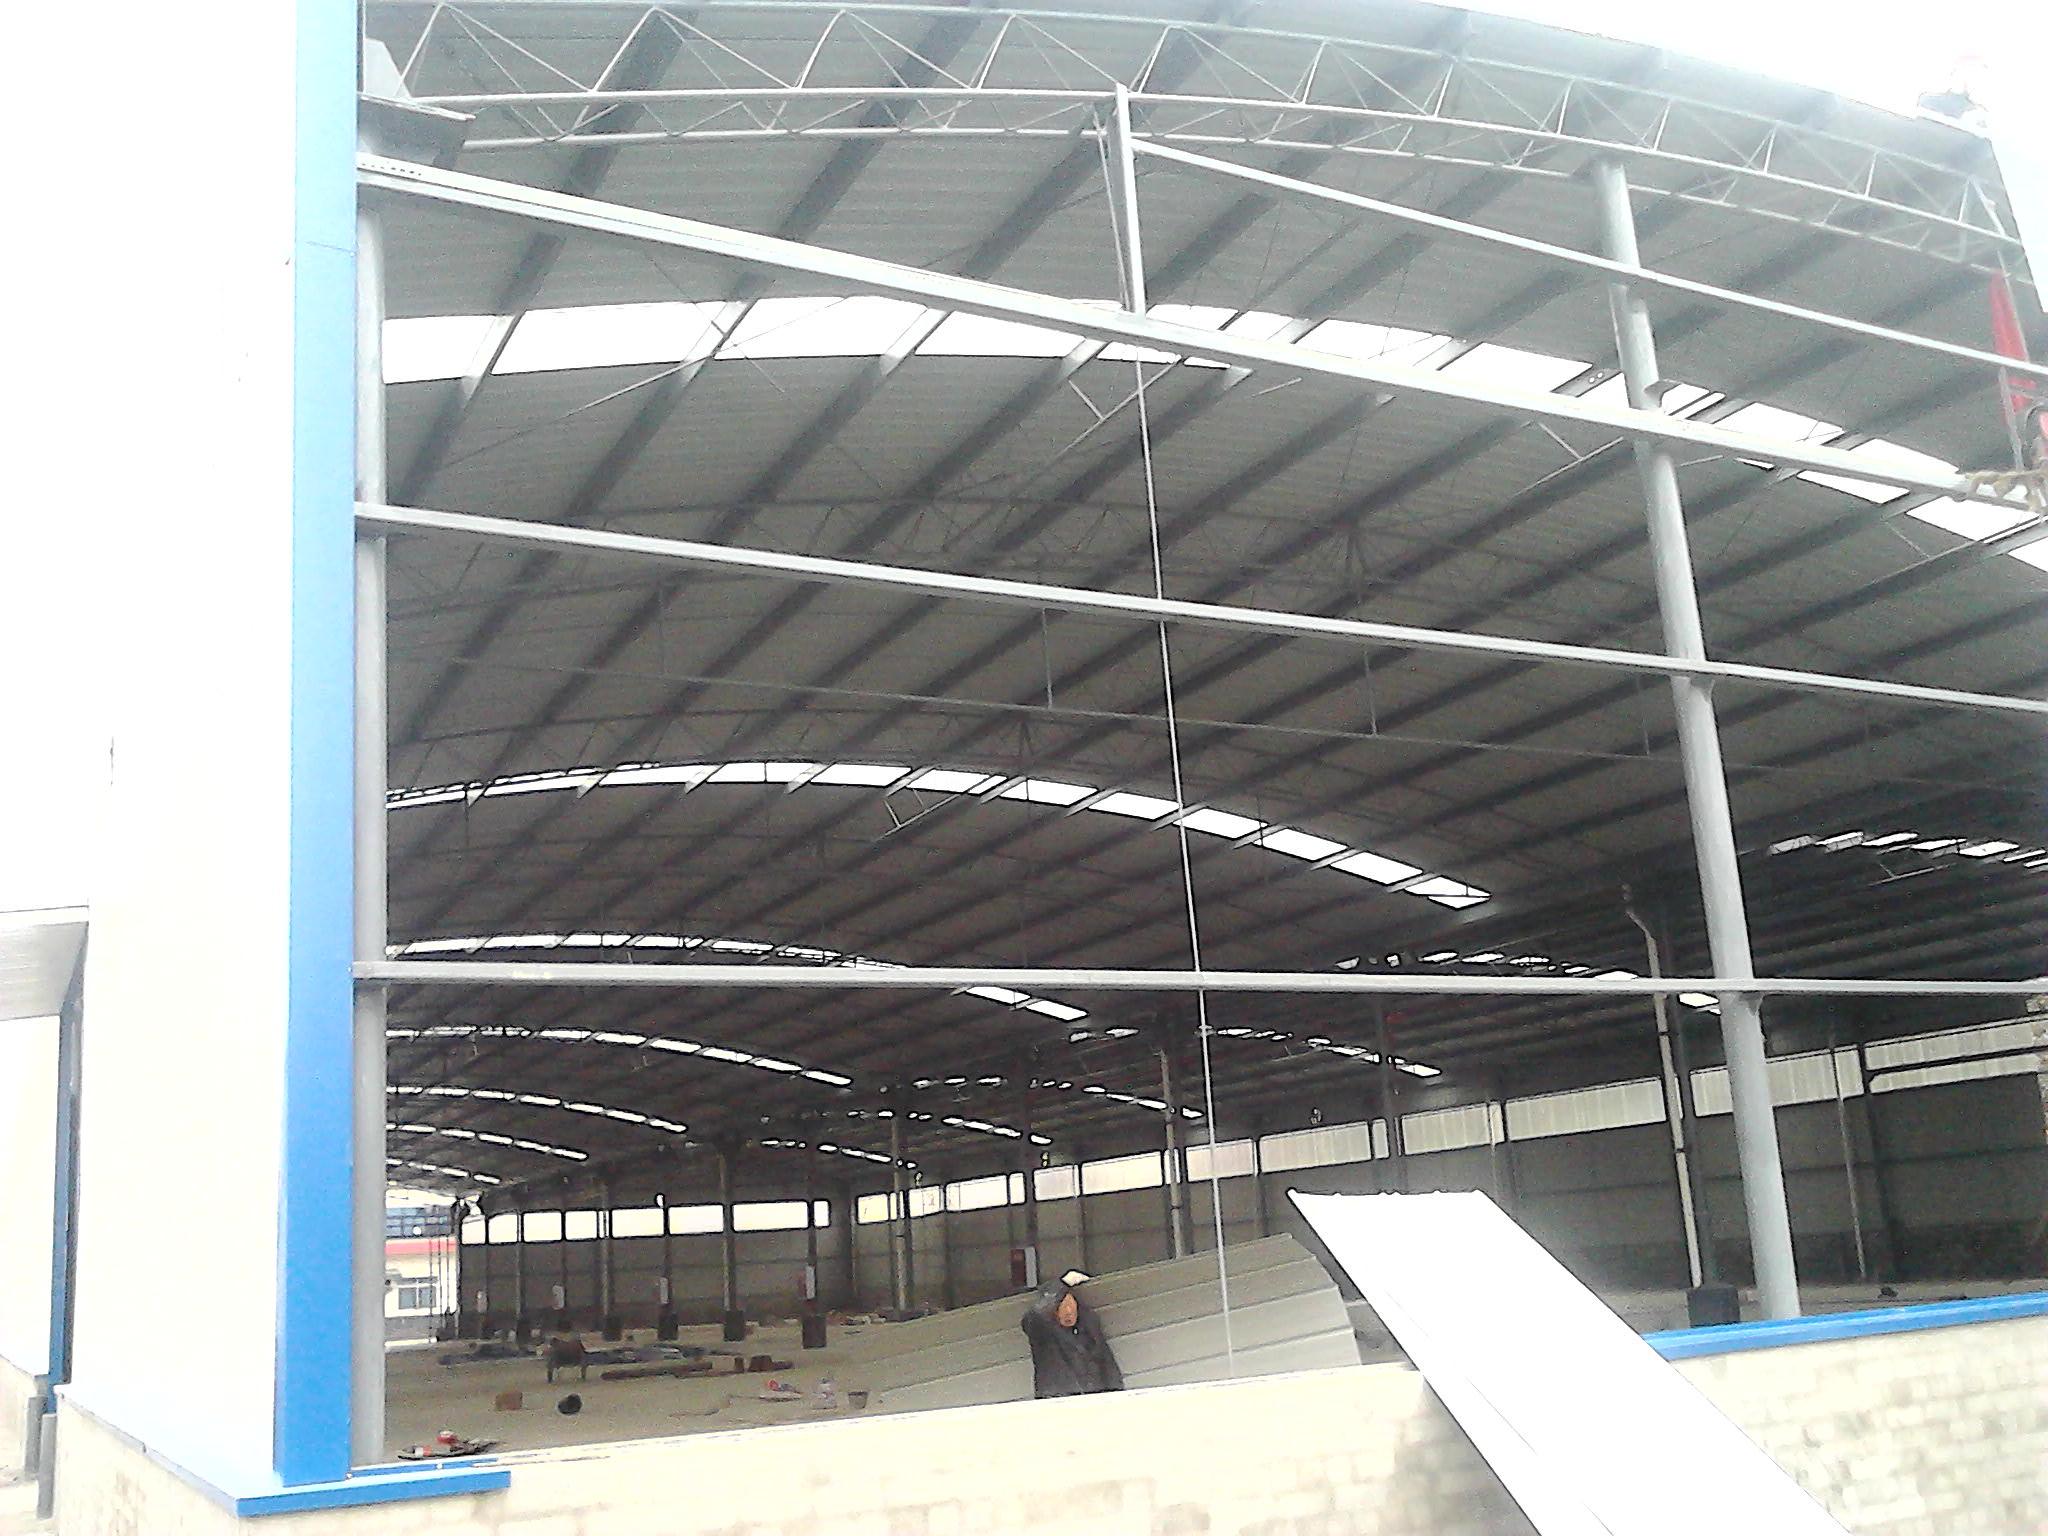 常用于雨篷顶 类型 : 钢结构 规格 : 订做 材质 : q235b 颜色 : 多种